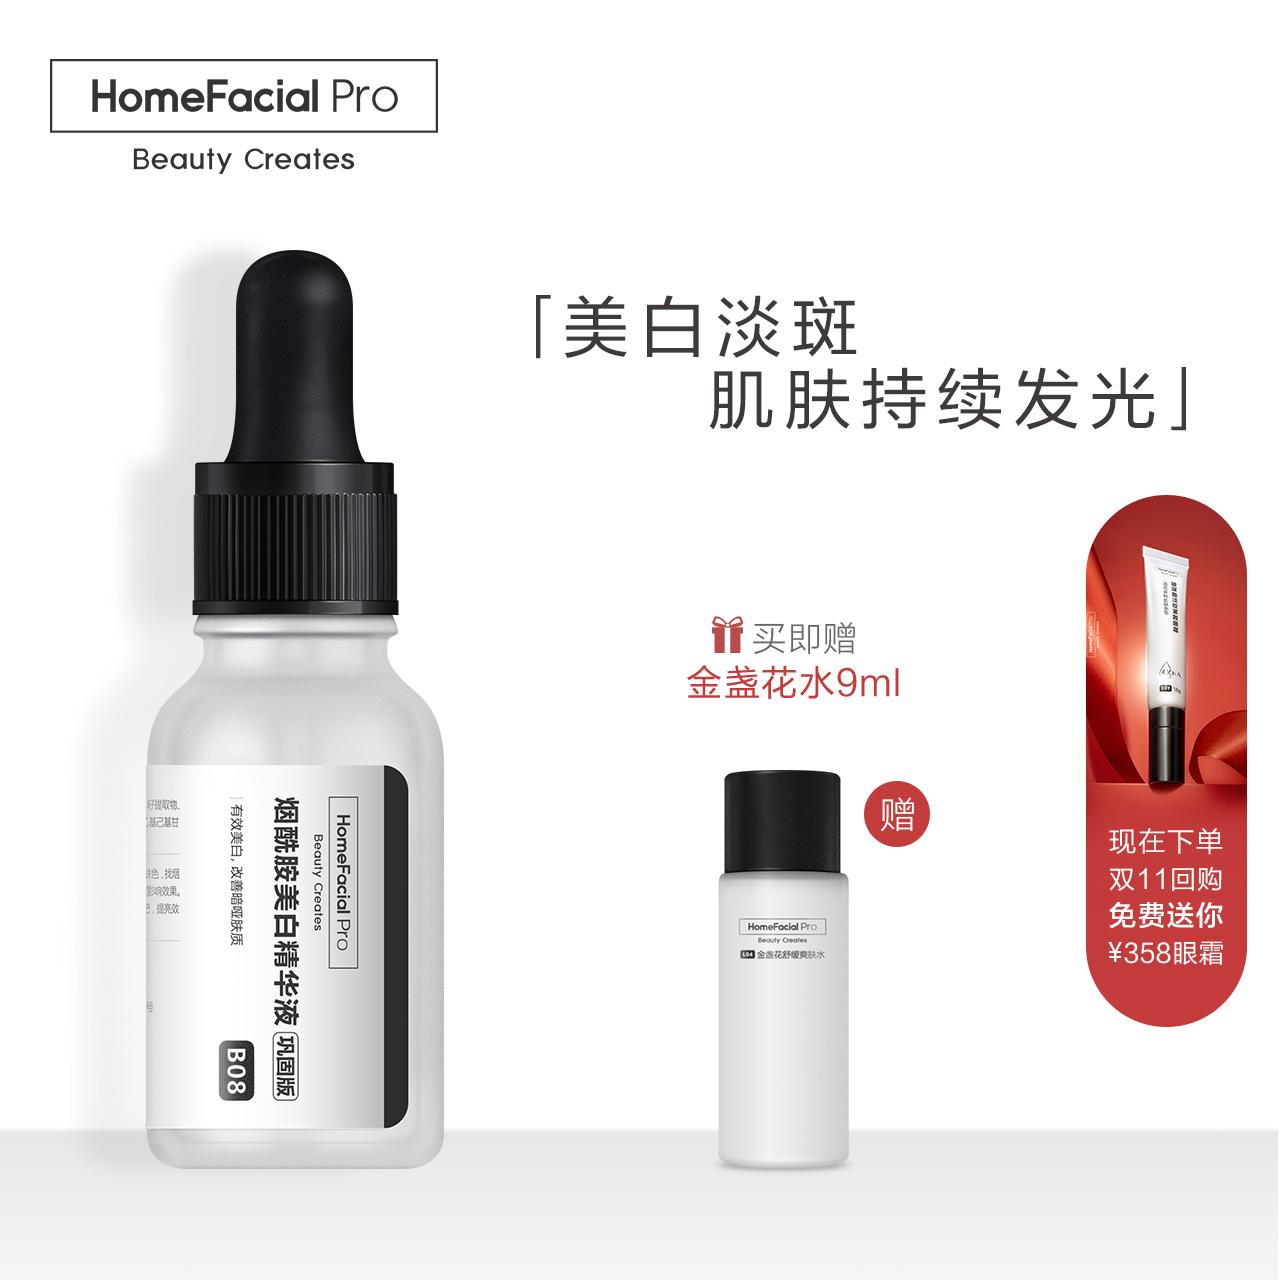 限6000张券HFP烟酰胺美白精华液5%巩固版 祛黄提亮肤色面部原液护肤品男女